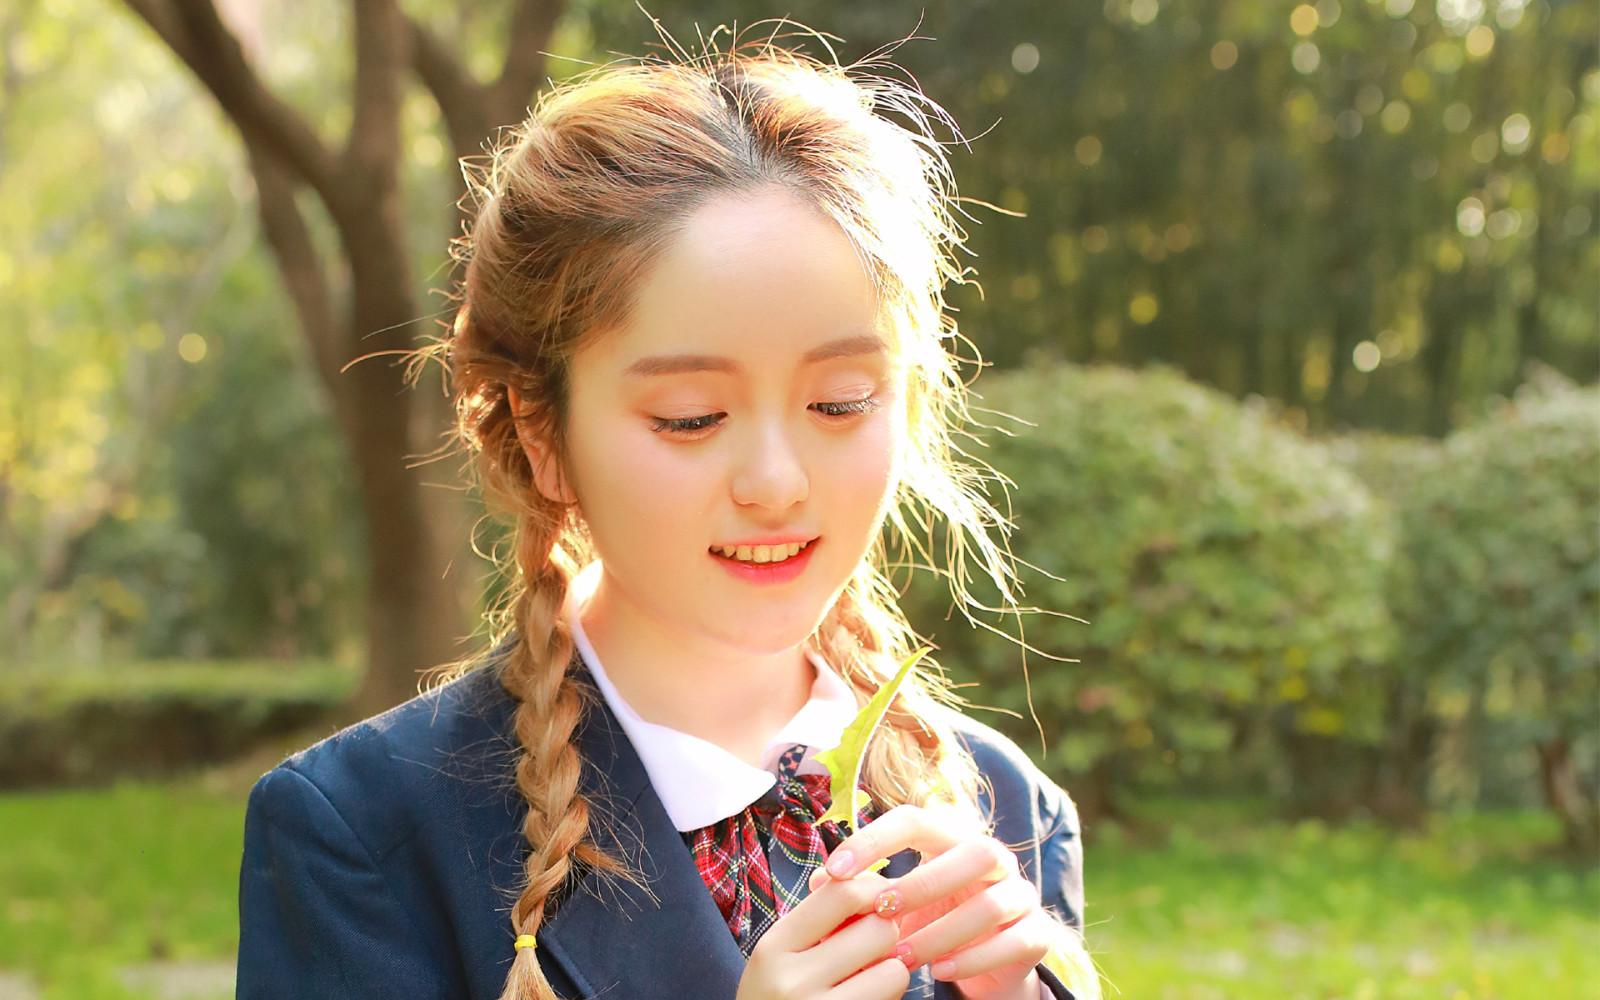 上海我主良緣三對一服務:擁有自信,擁抱愛情